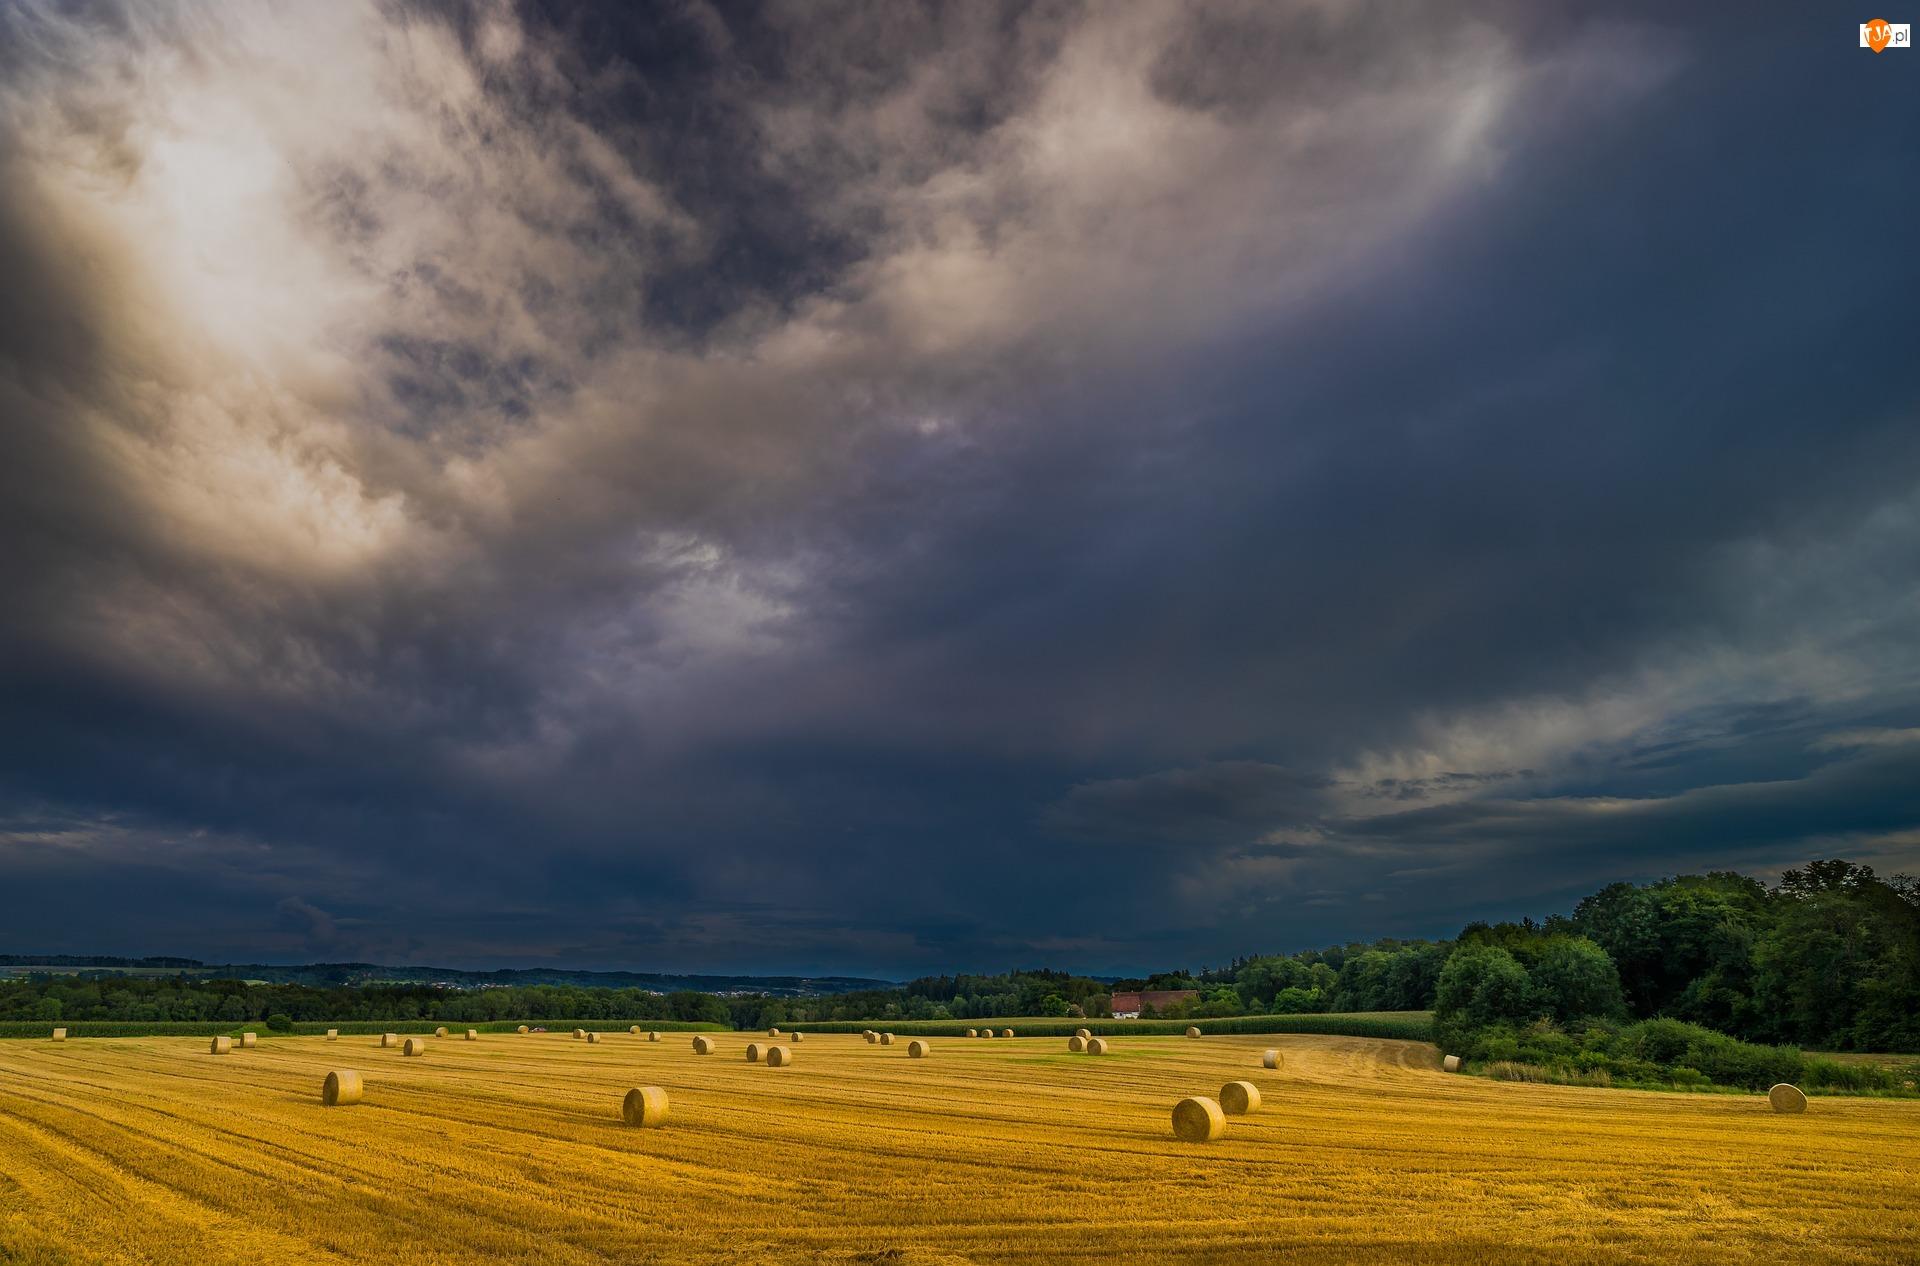 Farma, Chmury, Niebo, Zachmurzone, Drzewa, Ciemne, Pola